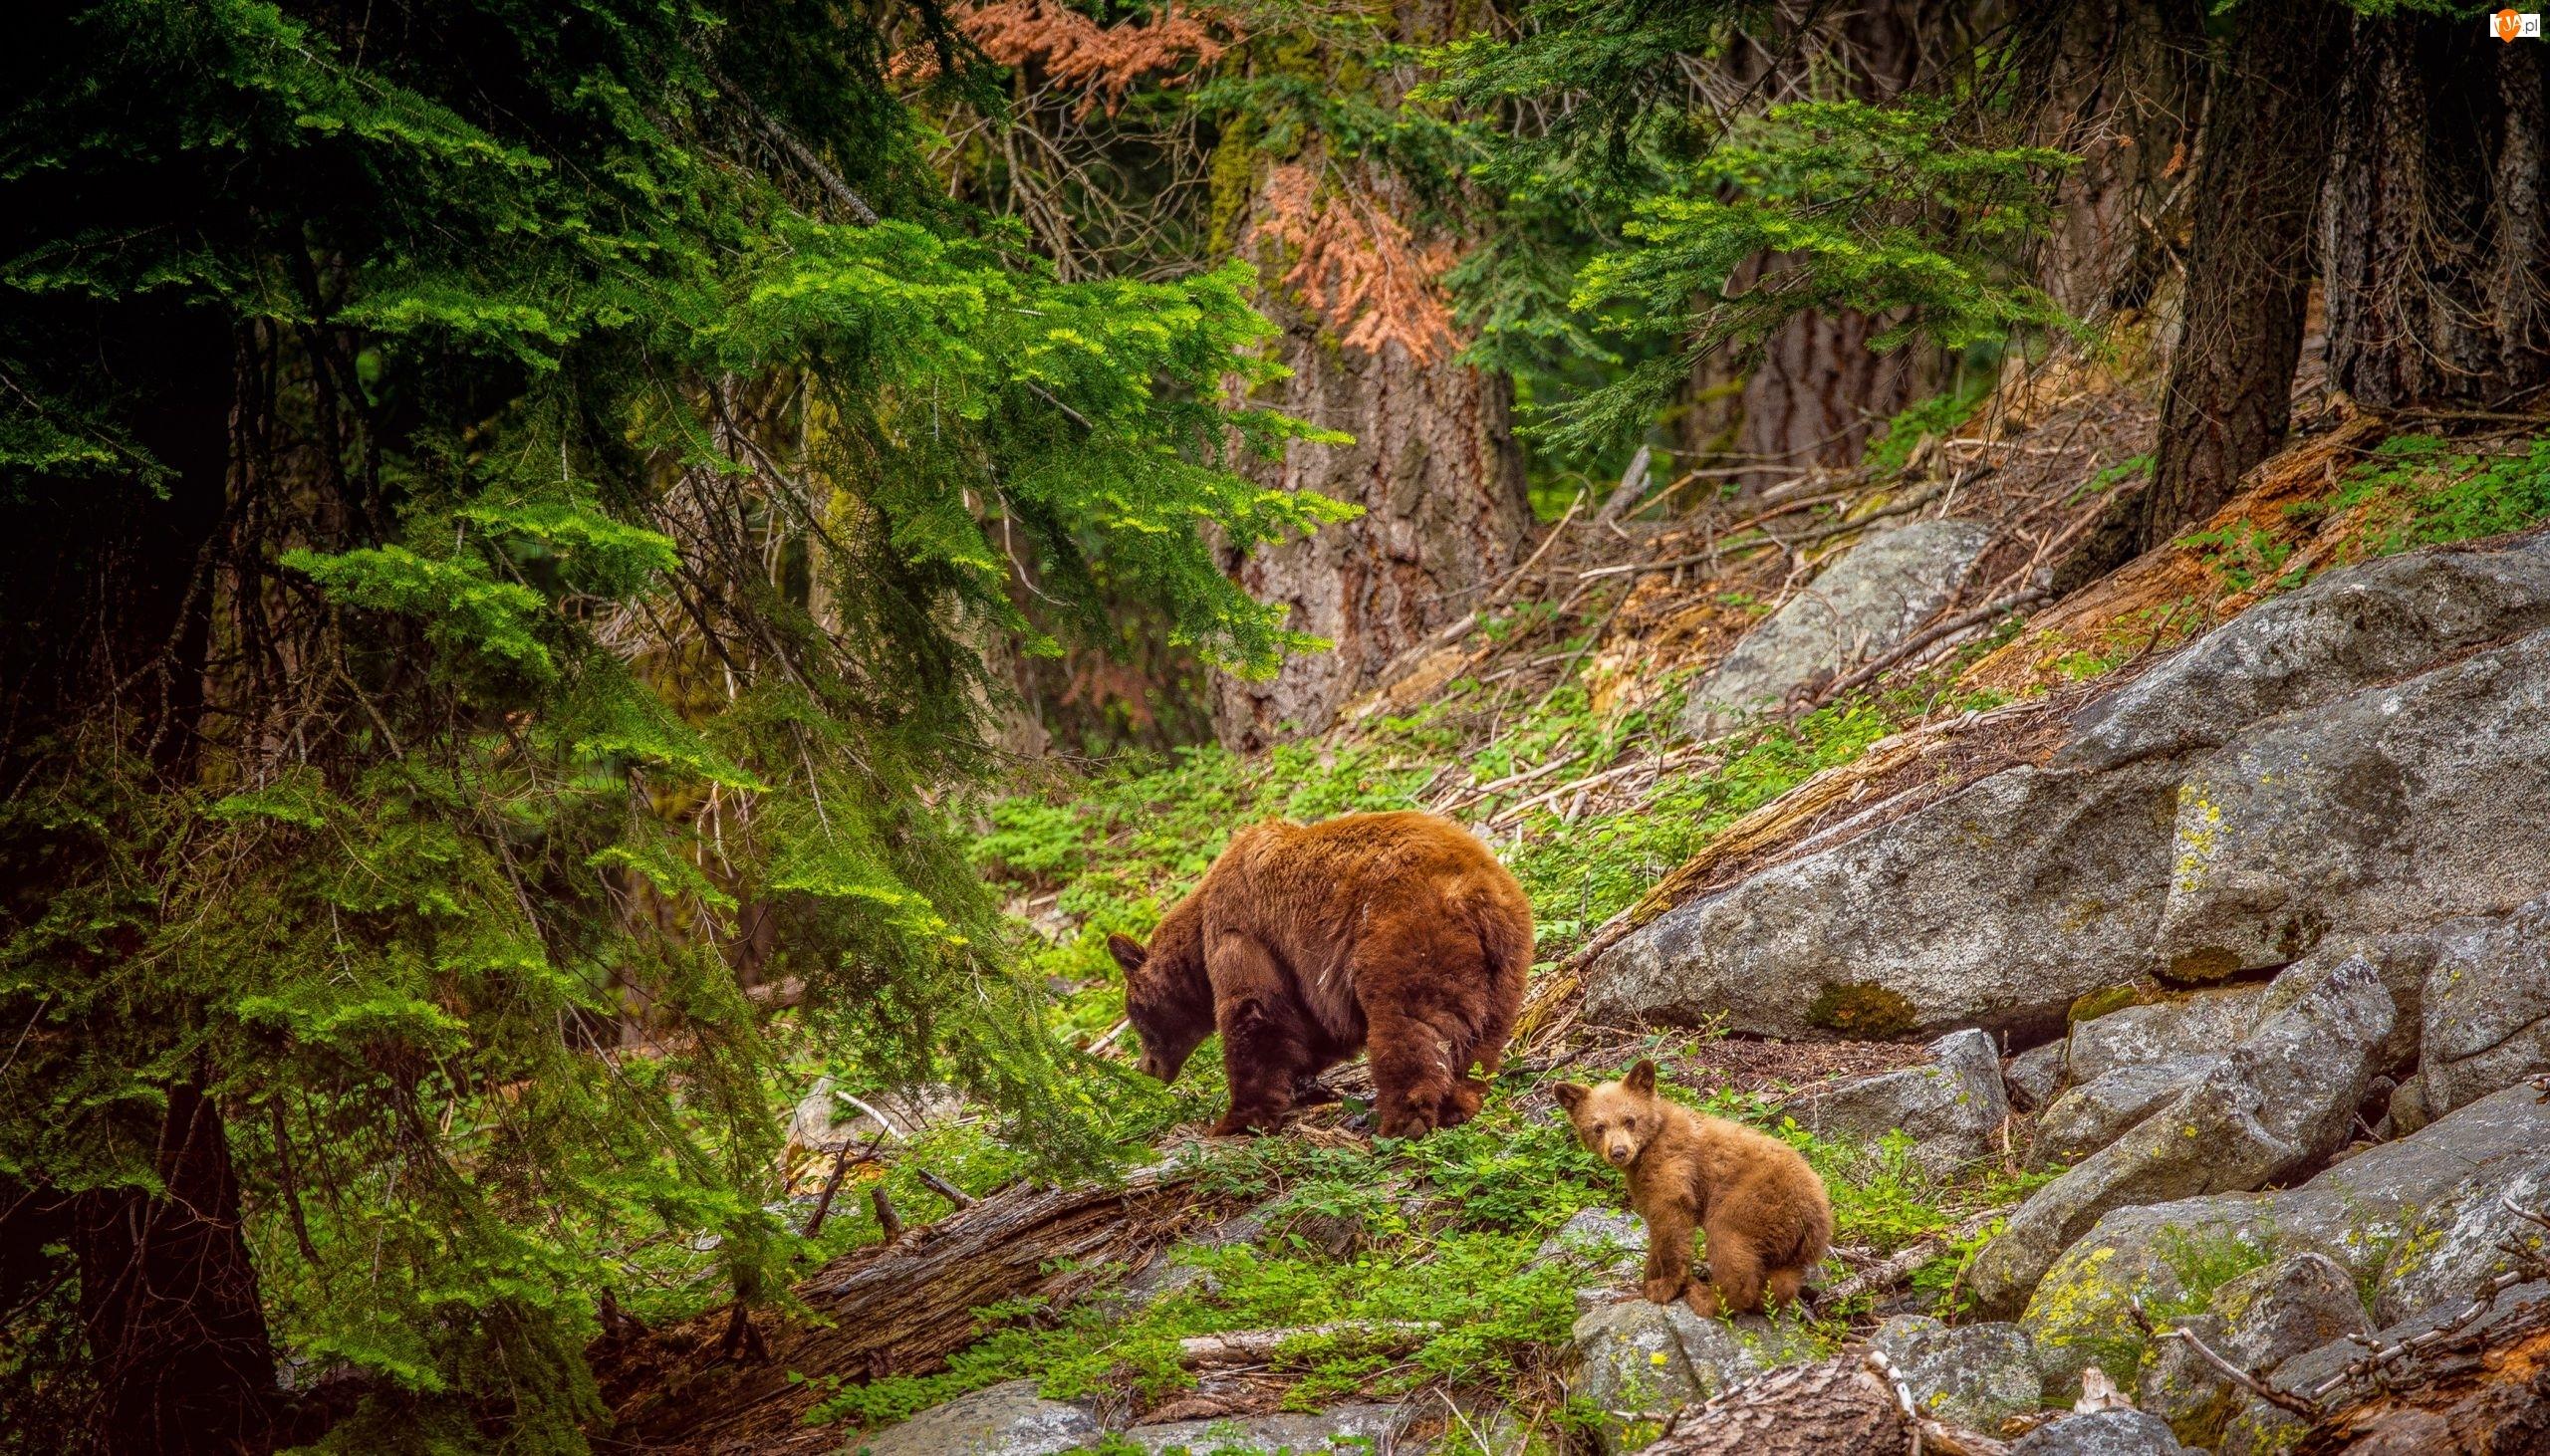 Niedźwiedzie, Las, Skały, Drzewa, Kamienie